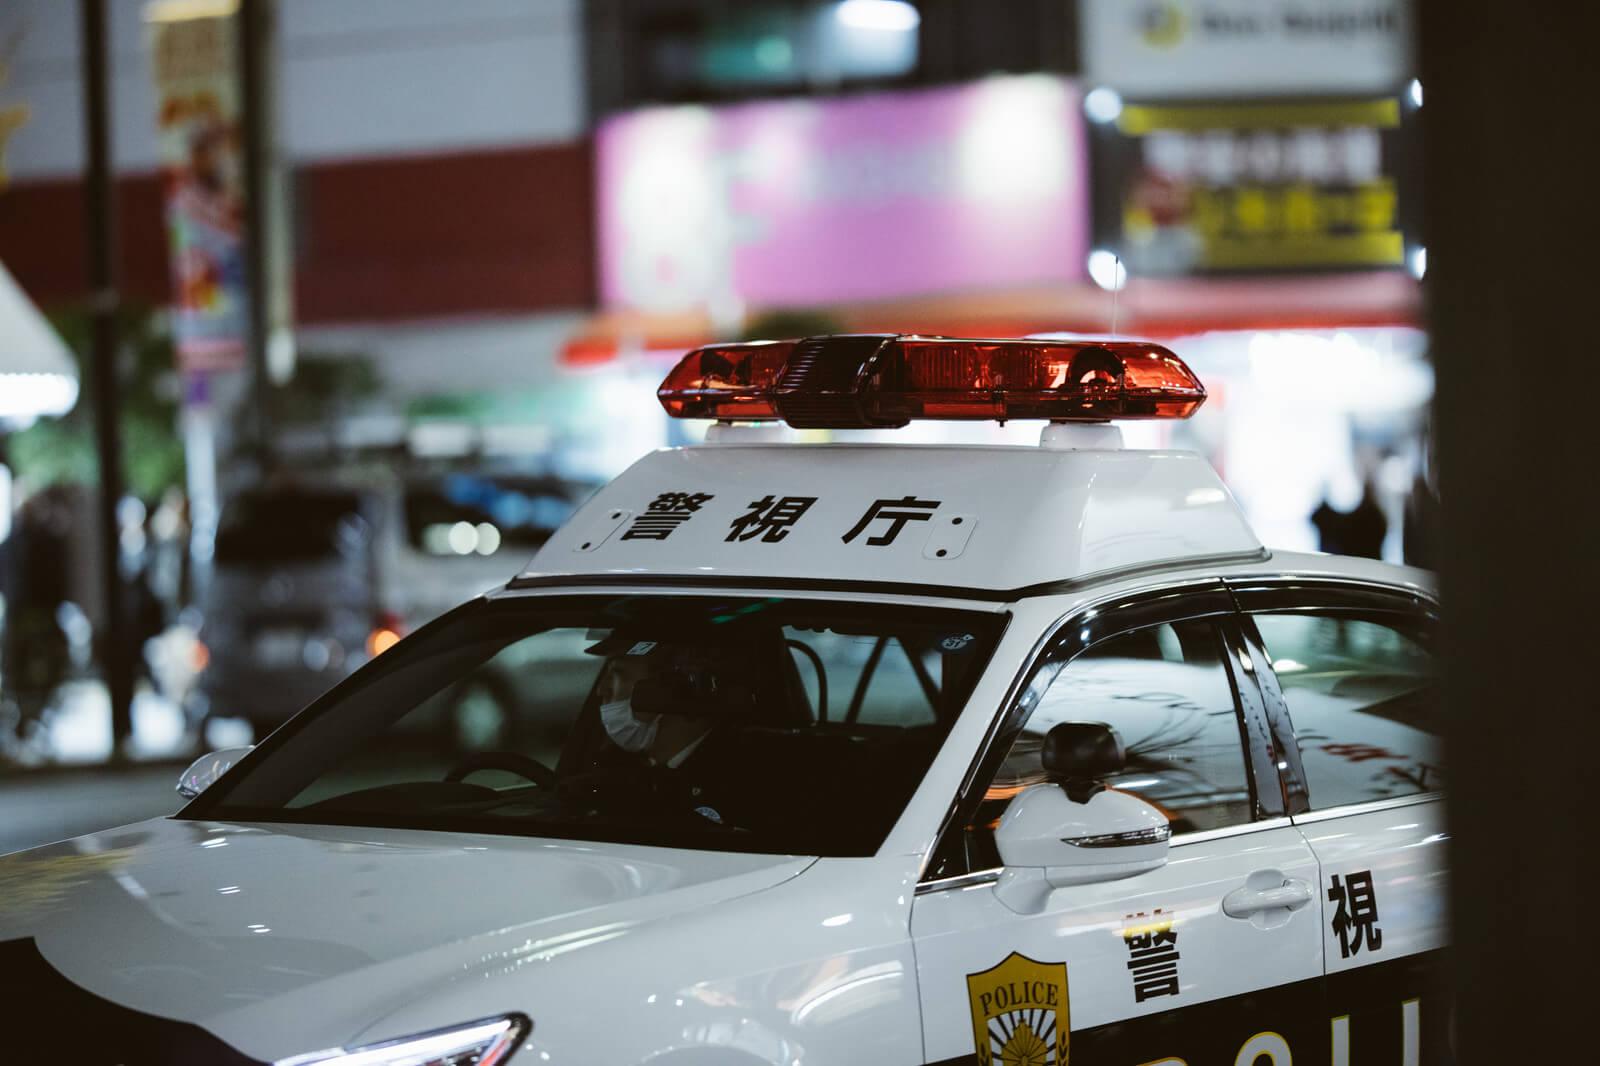 札幌東警察署が警戒:札幌刑務所を出所した男が他人に危害を加えるとの予告をしたというのは事実?